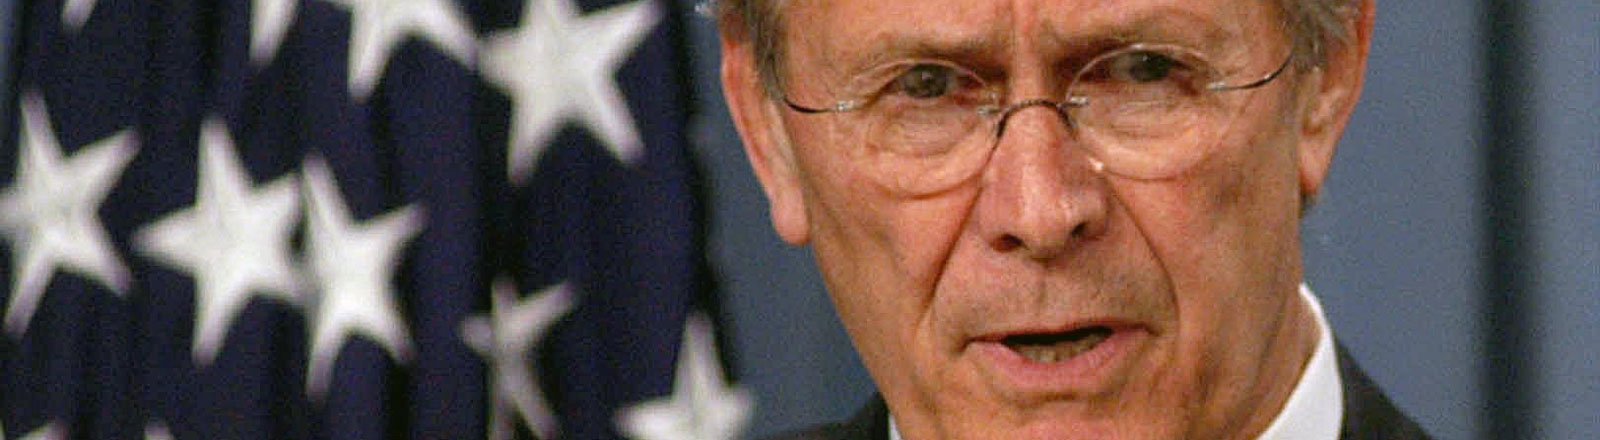 """""""Das alte Europa"""" ist das Wort des Jahres 2003. Der ursprünglich polemisch gemeinte Ausdruck von US- Verteidigungsminister Donald Rumsfeld habe den Sprachgebrauch geprägt"""